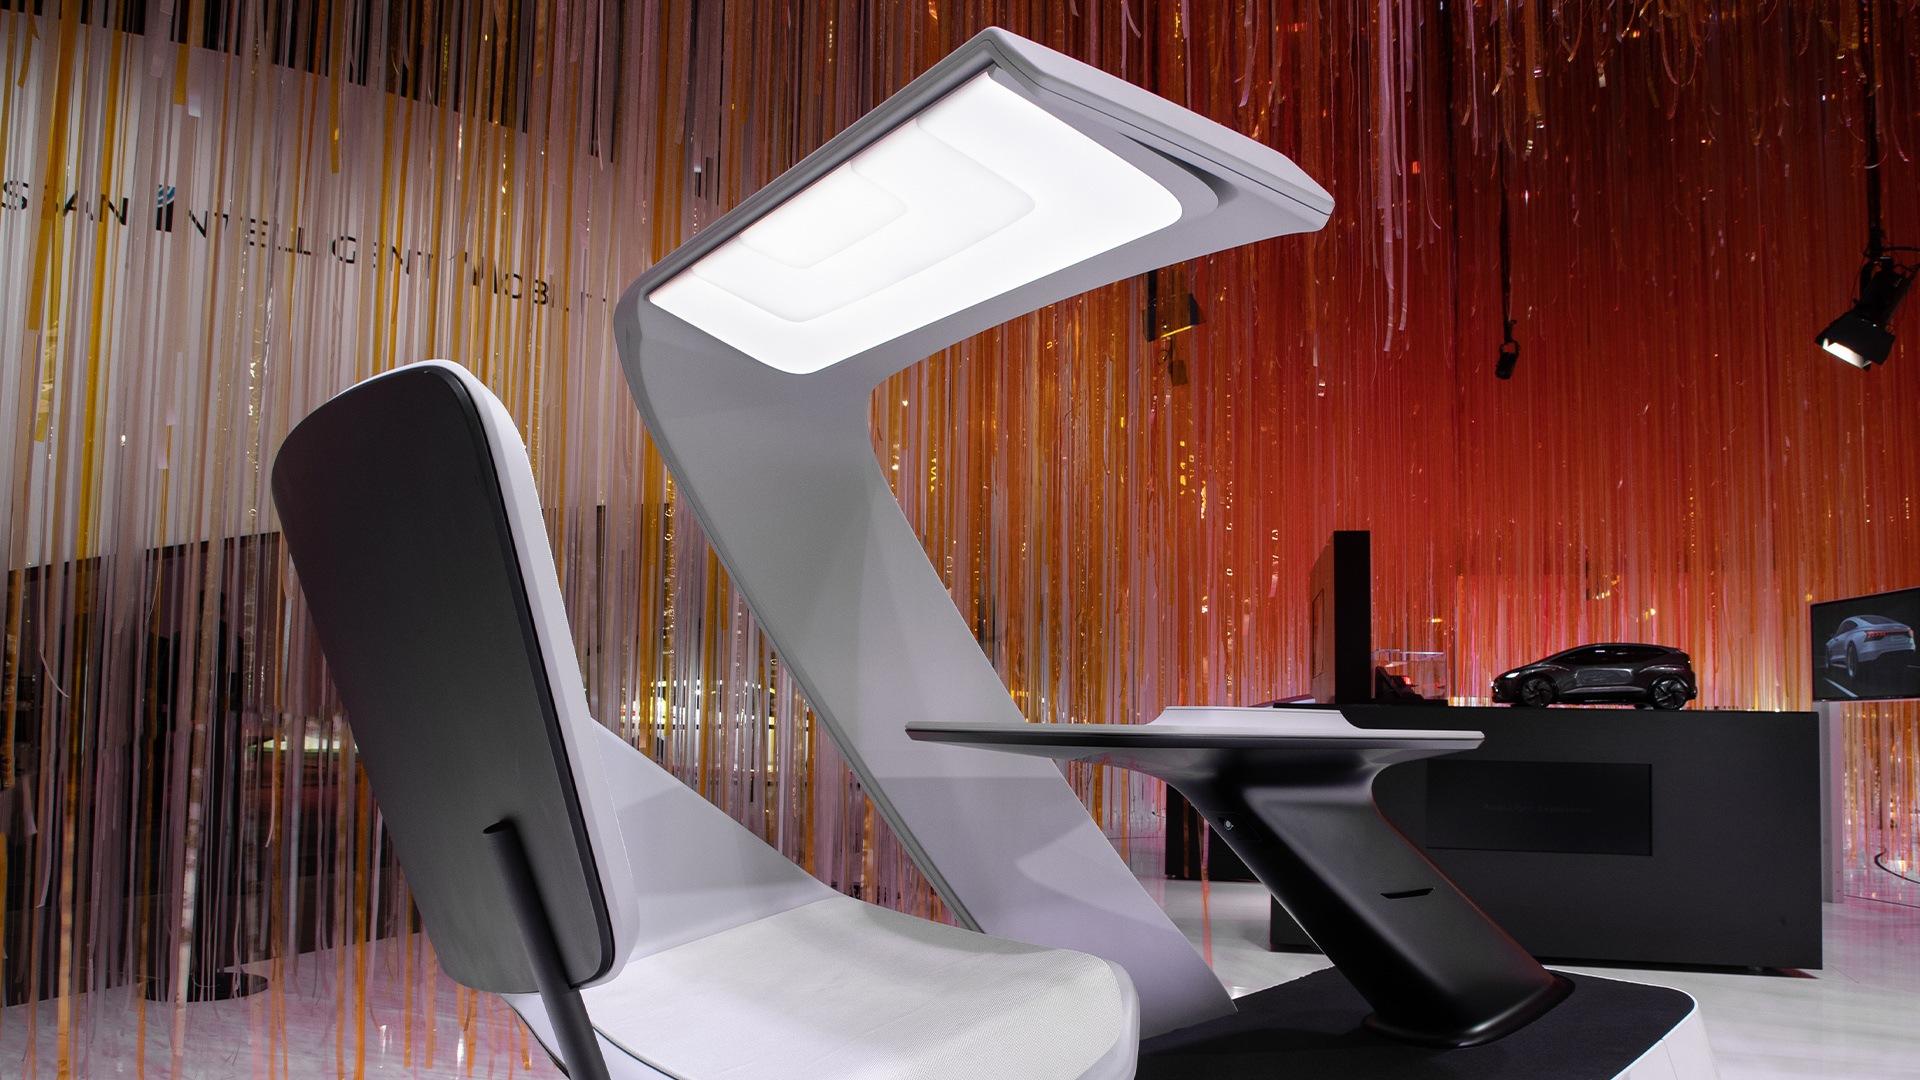 Obiskovalci visokotehnološkega sejma CES 2020 v Las Vegasu so se lahko seznanili z inovativnim konceptom osvetlitve.